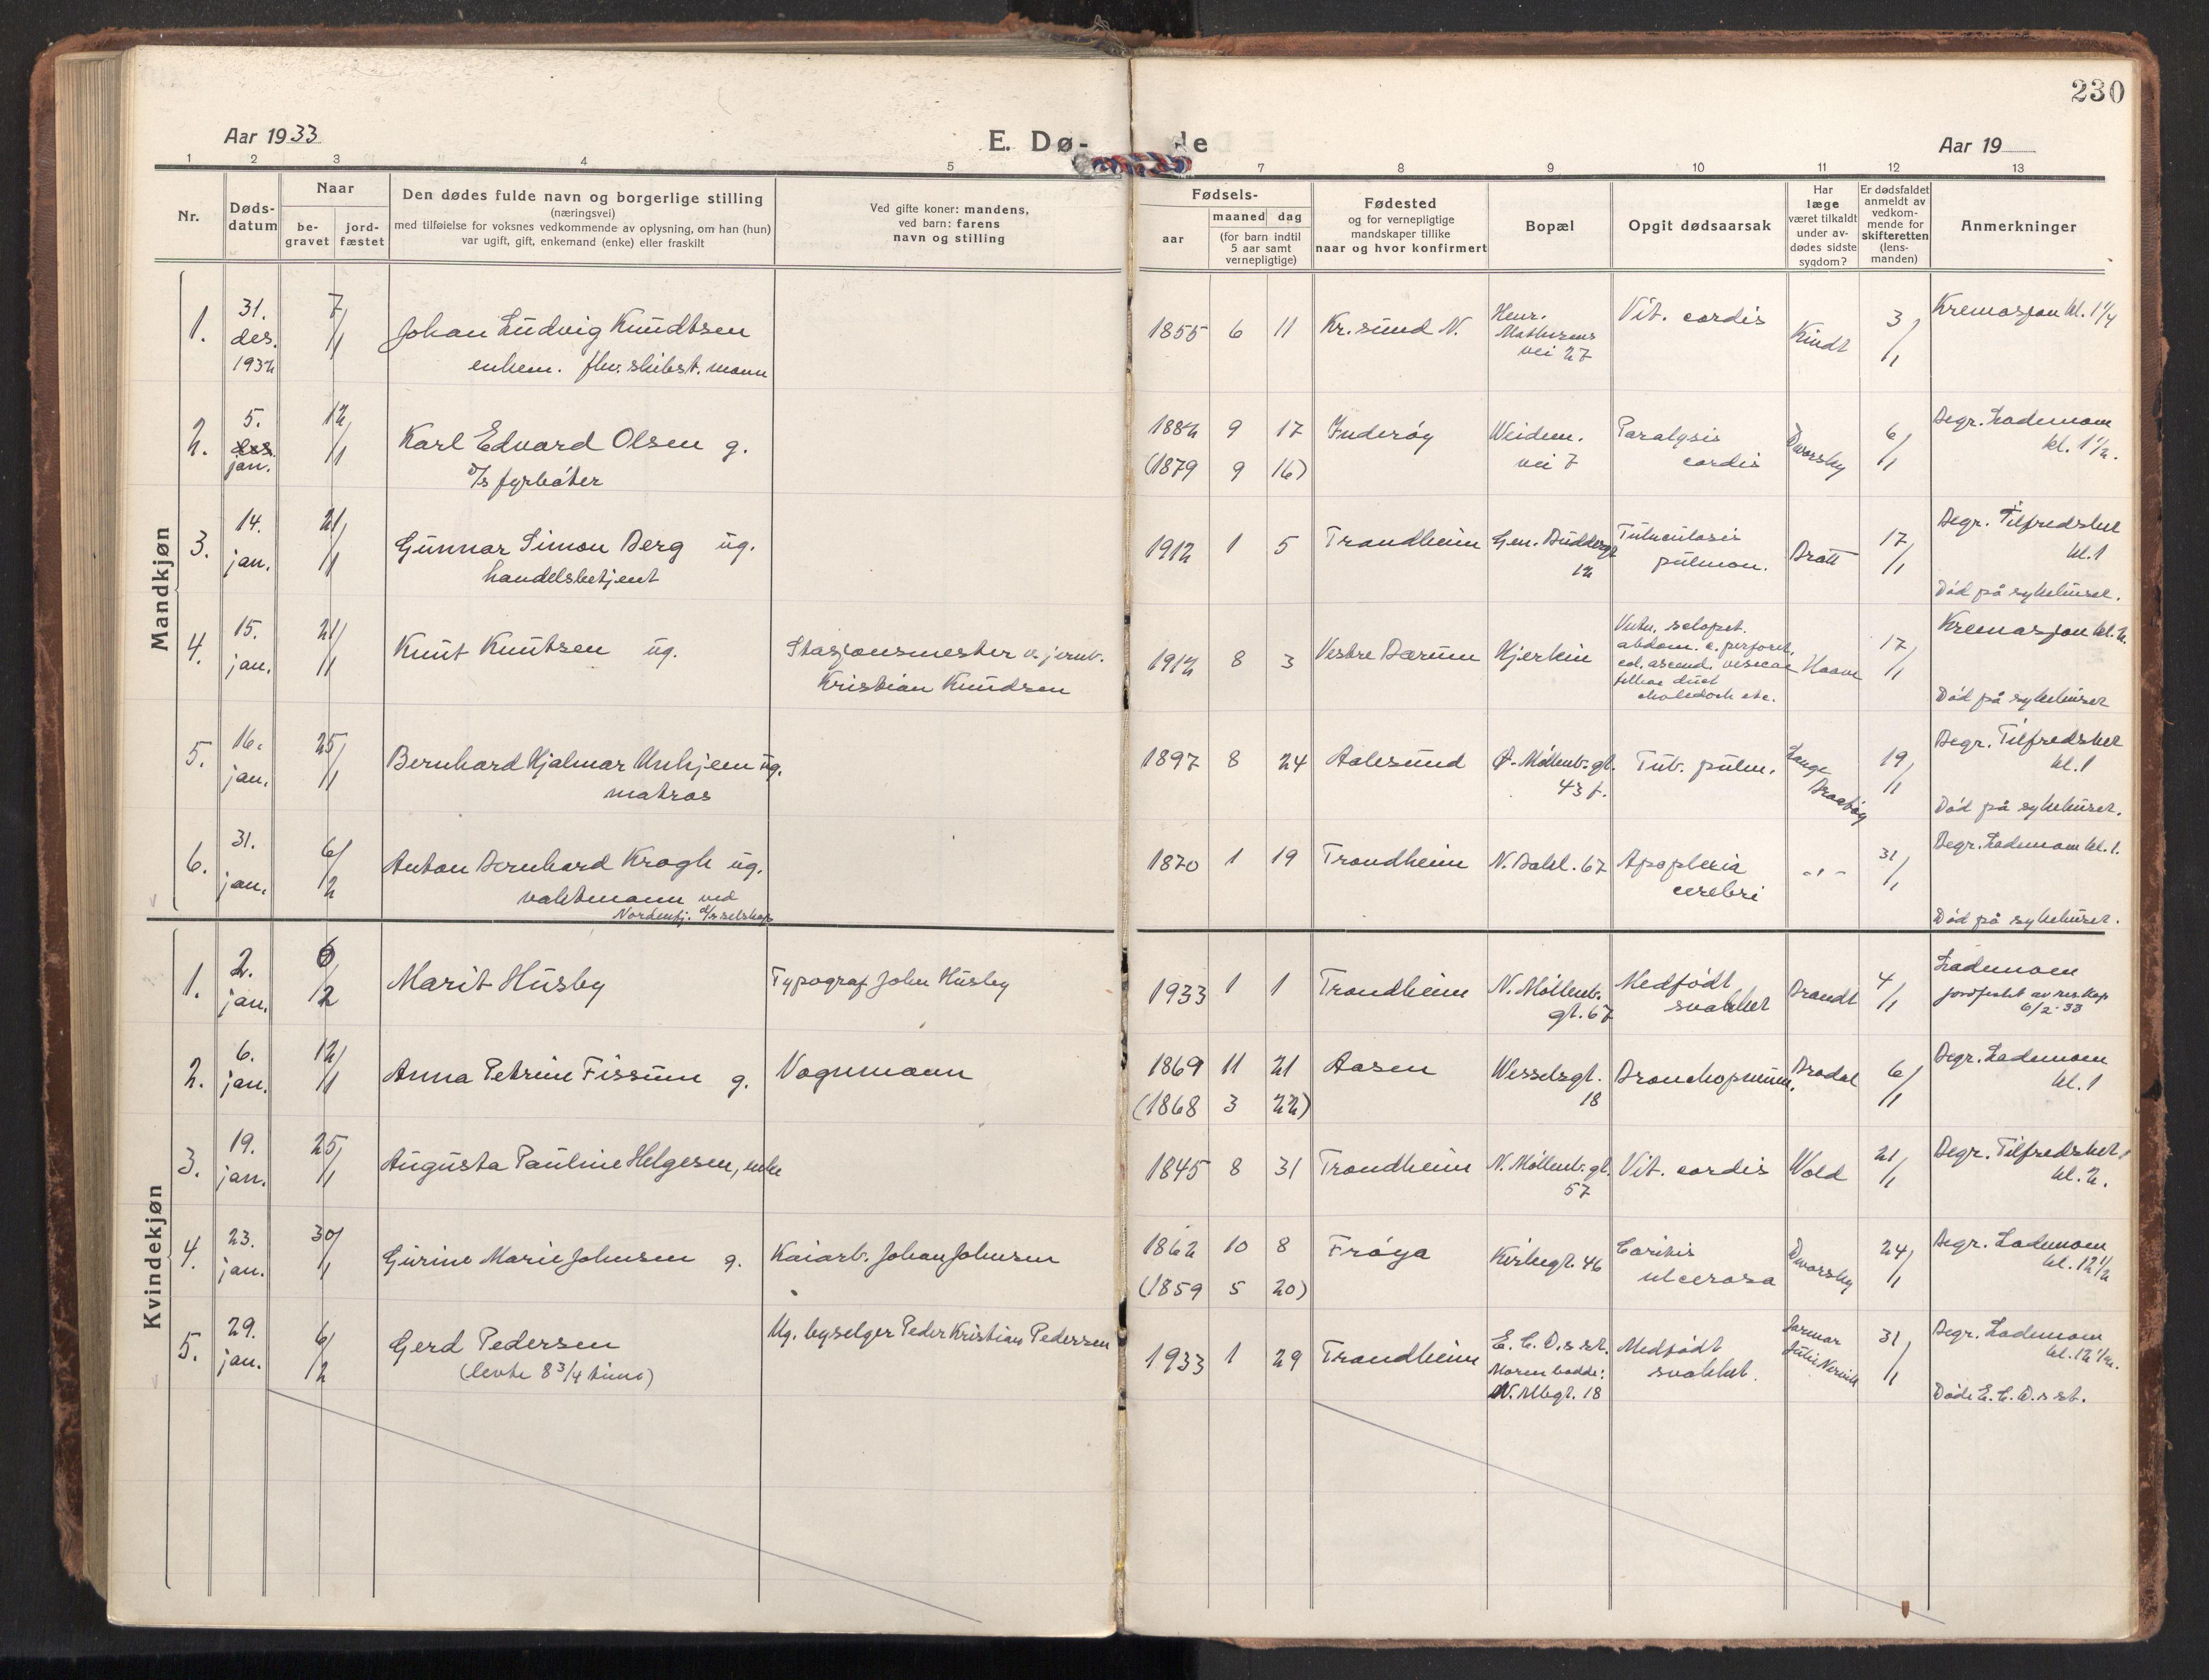 SAT, Ministerialprotokoller, klokkerbøker og fødselsregistre - Sør-Trøndelag, 604/L0207: Ministerialbok nr. 604A27, 1917-1933, s. 230